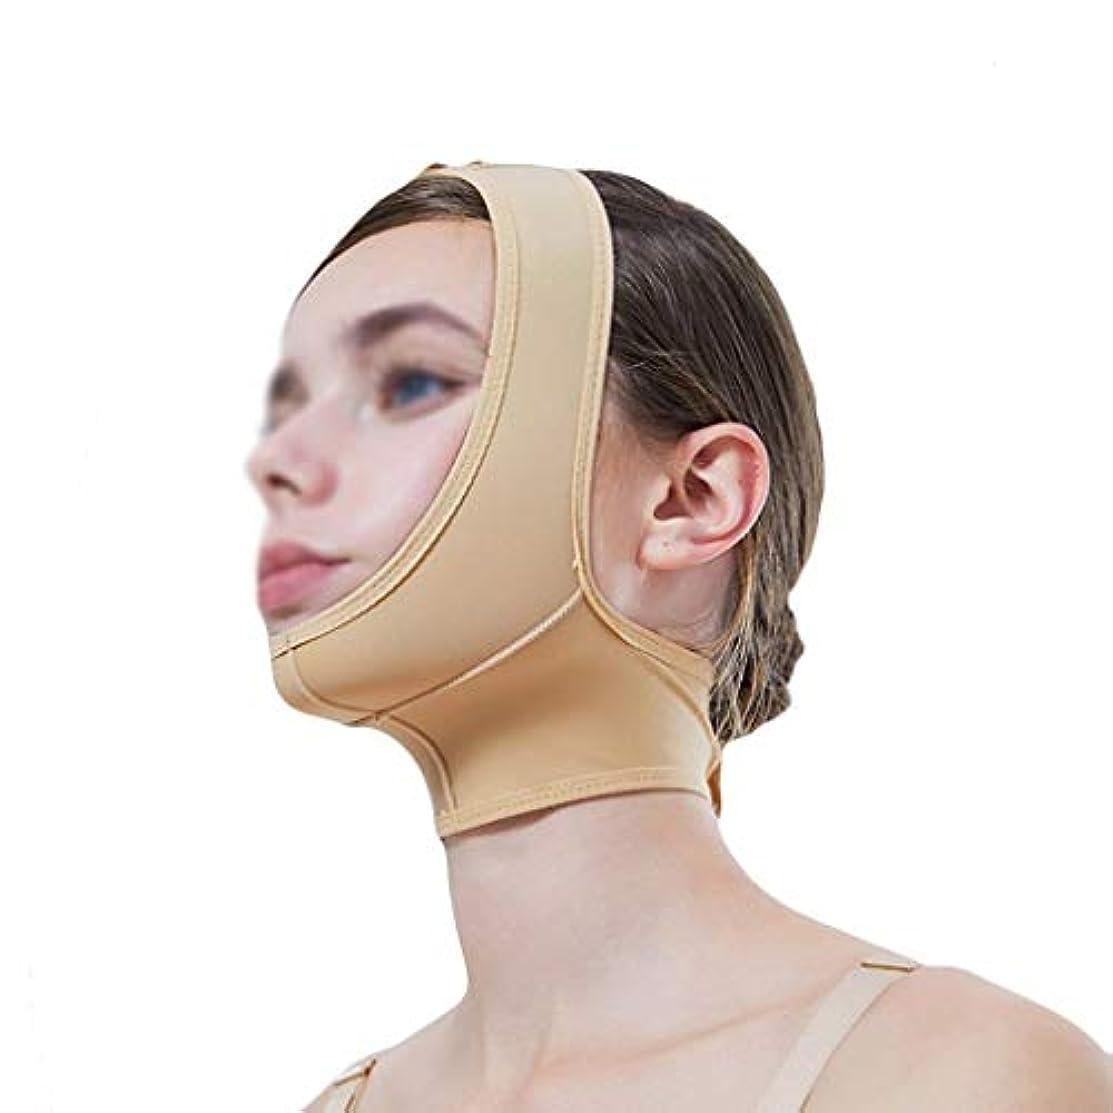 資金ドームもろいマスク、超薄型ベルト、フェイスリフティングに適し、フェイスリフティング、通気性包帯、あご取りベルト、超薄型ベルト、通気性(サイズ:XL),S